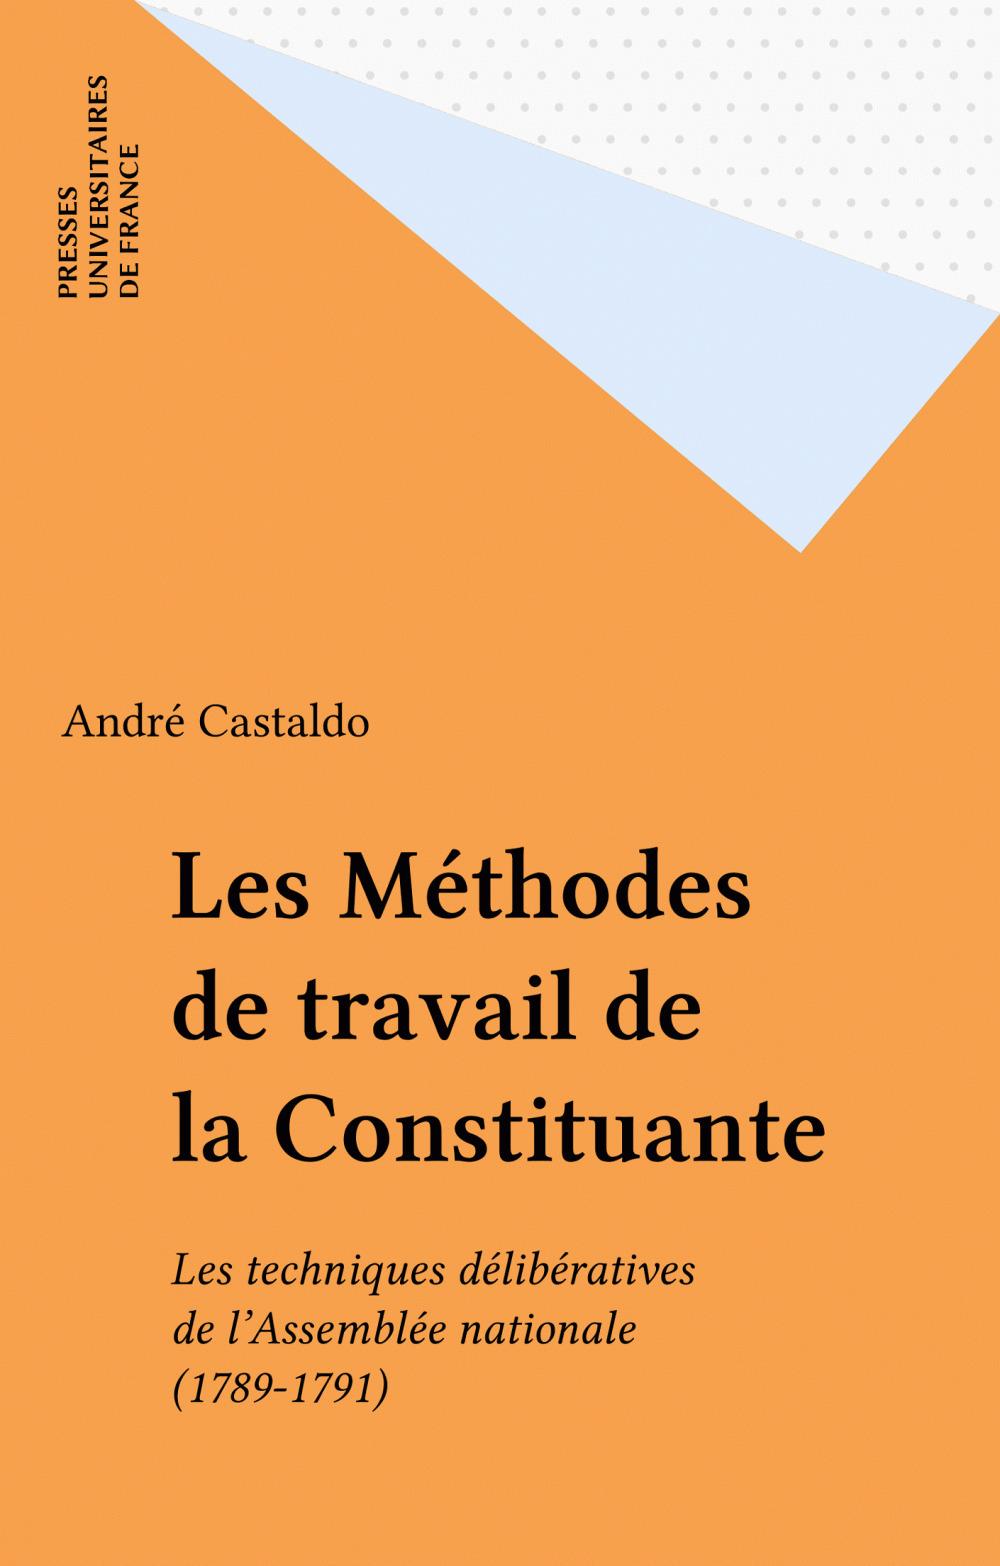 Les Méthodes de travail de la Constituante